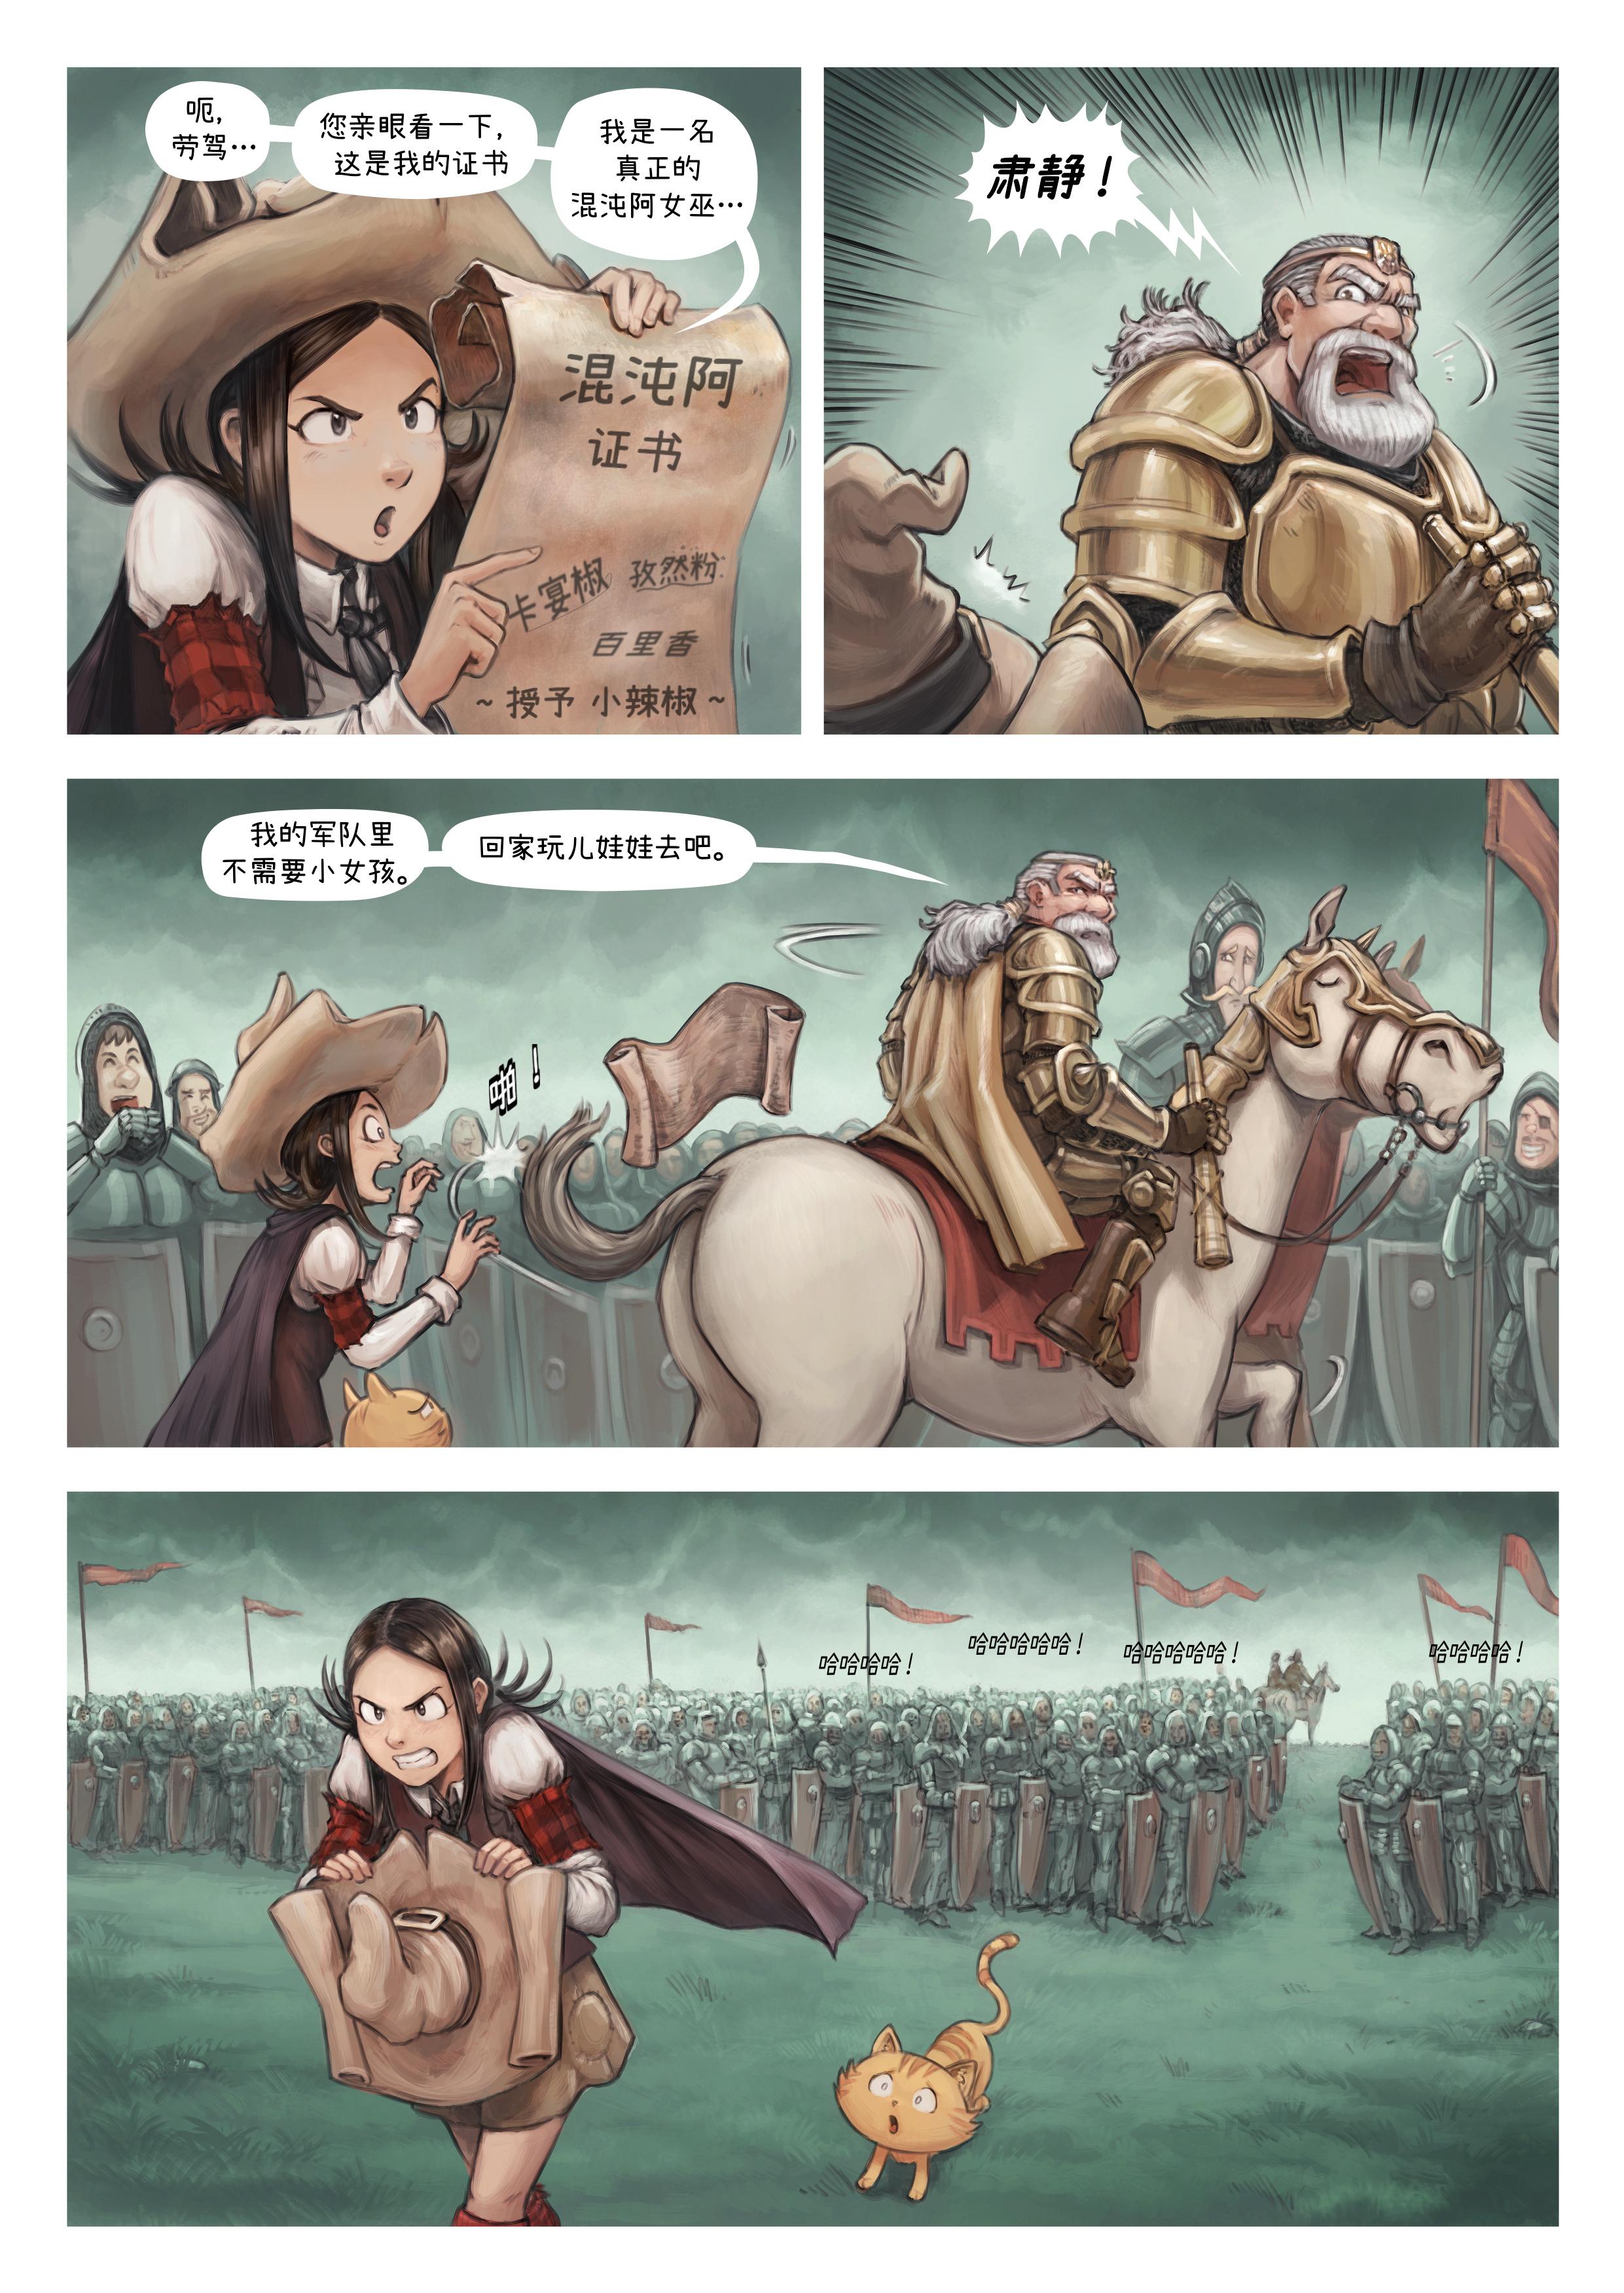 第32集:战场, Page 3